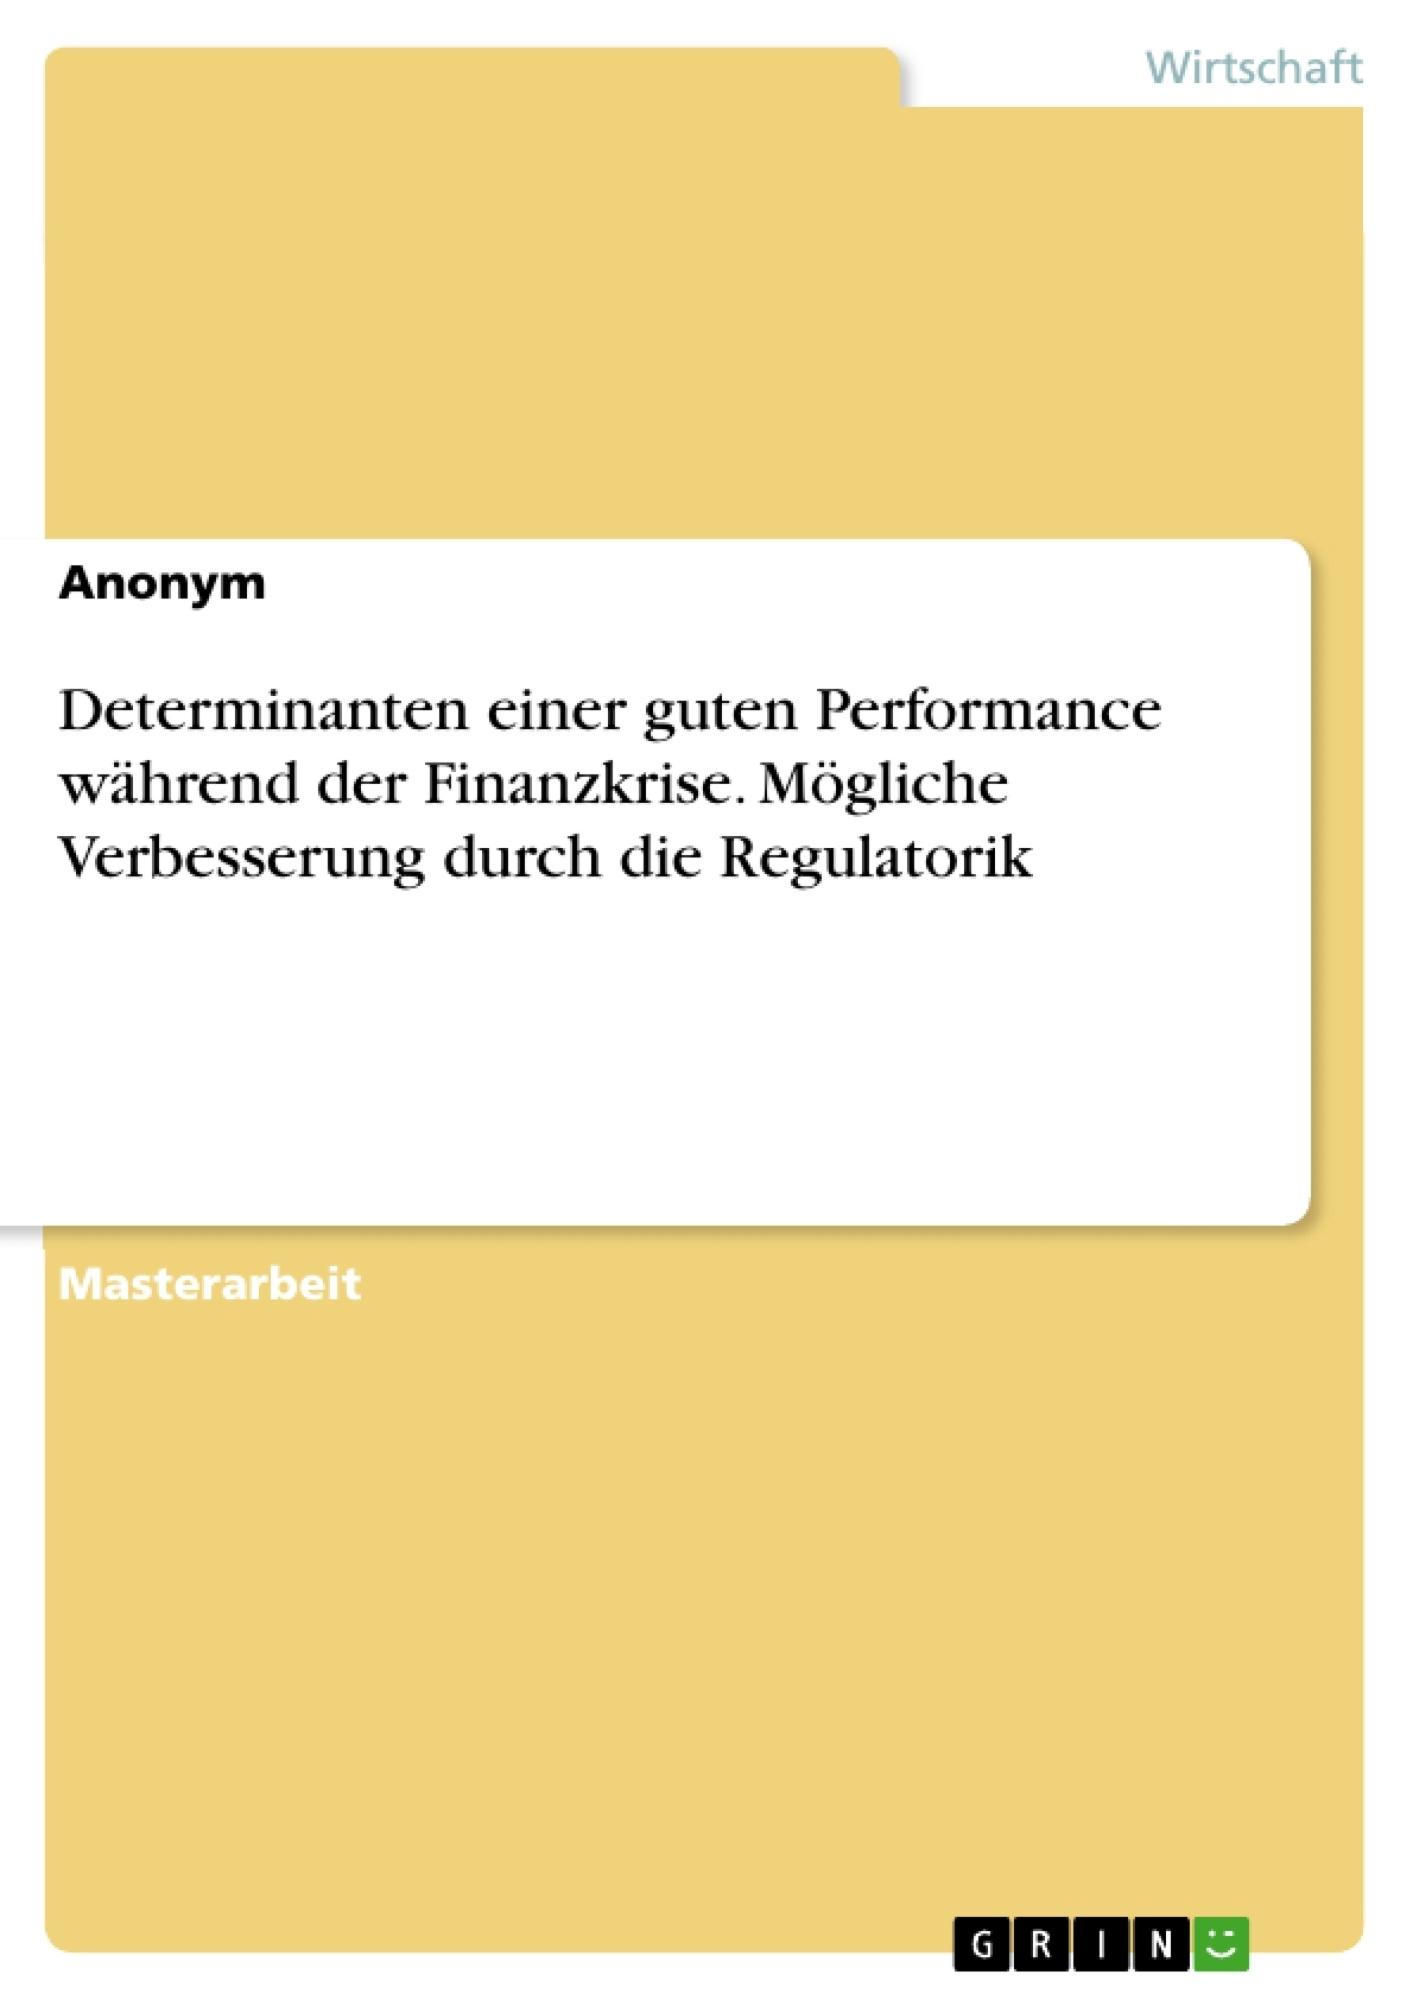 Titel: Determinanten einer guten Performance während der Finanzkrise. Mögliche Verbesserung durch die Regulatorik